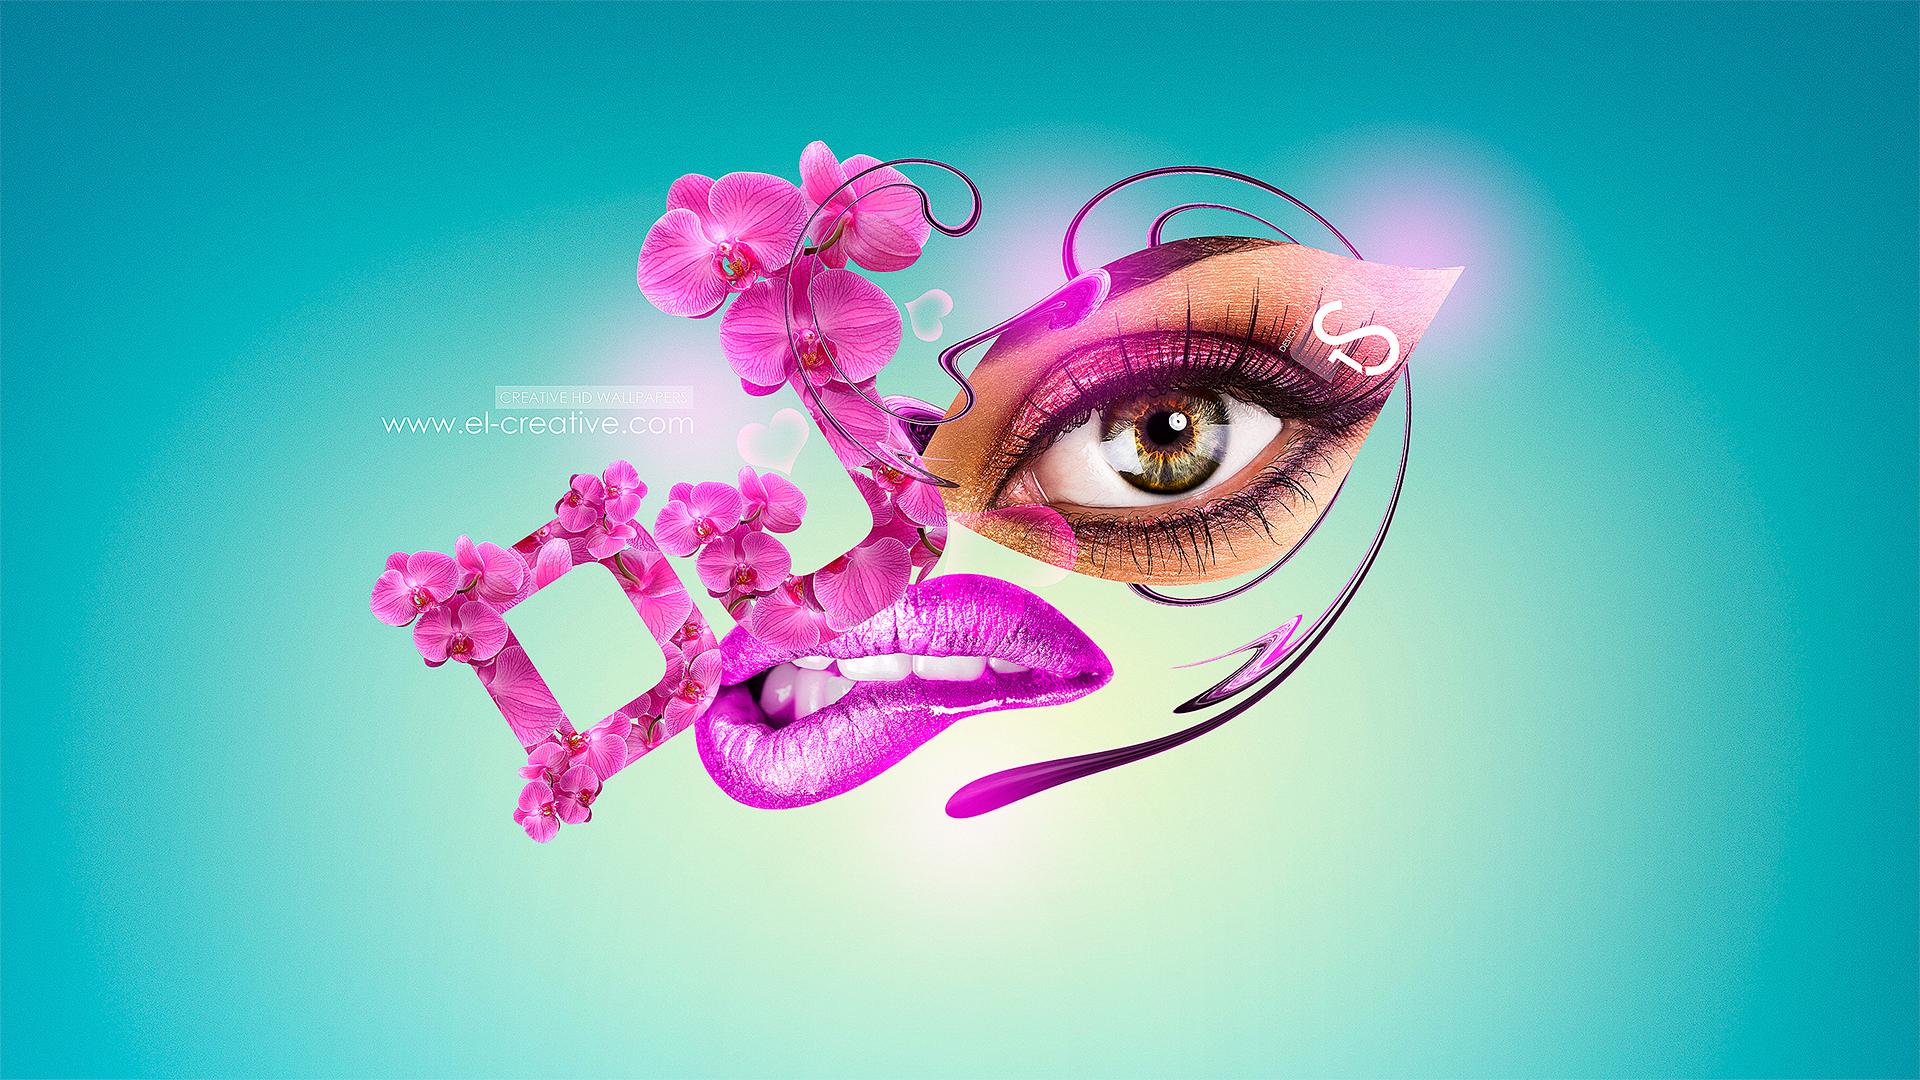 DJ Girl Flowers Metamorphosis 2013 Pink Neon HD Wallpapers design by 1920x1080